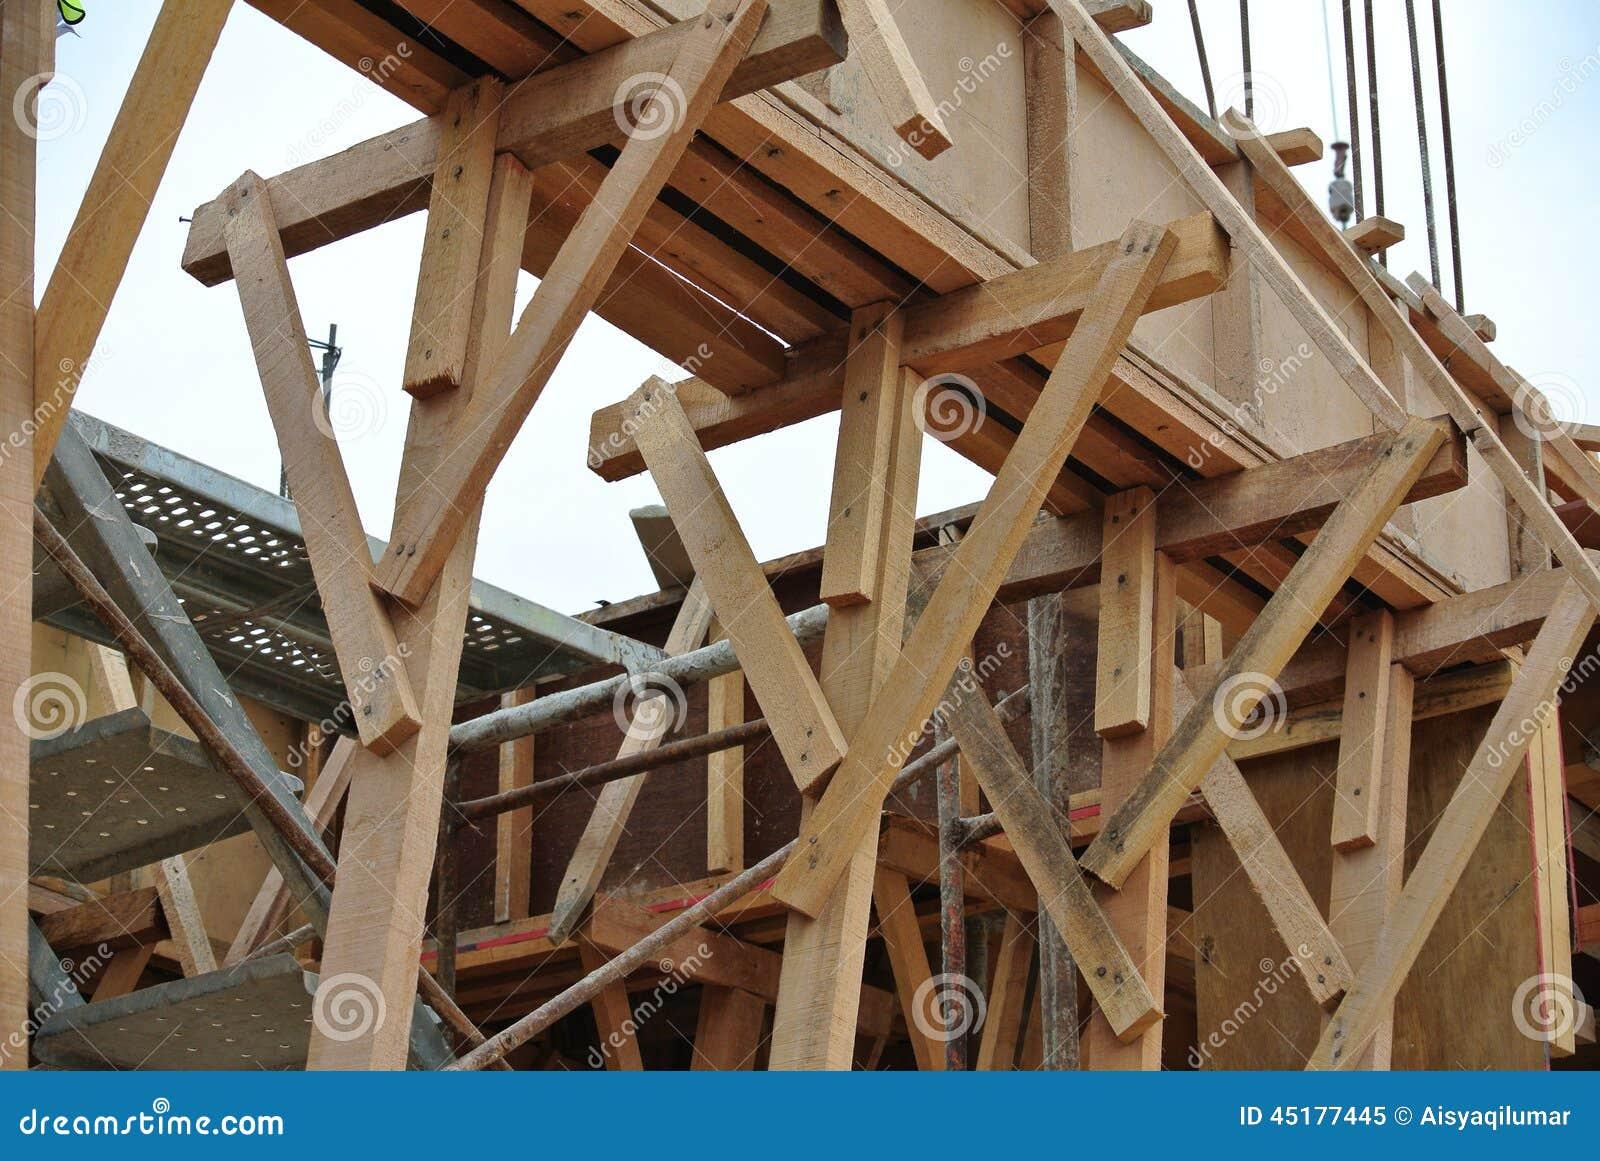 Soutien de bois de construction de coffrage de faisceau de bois de construction image stock for Construction en bois var